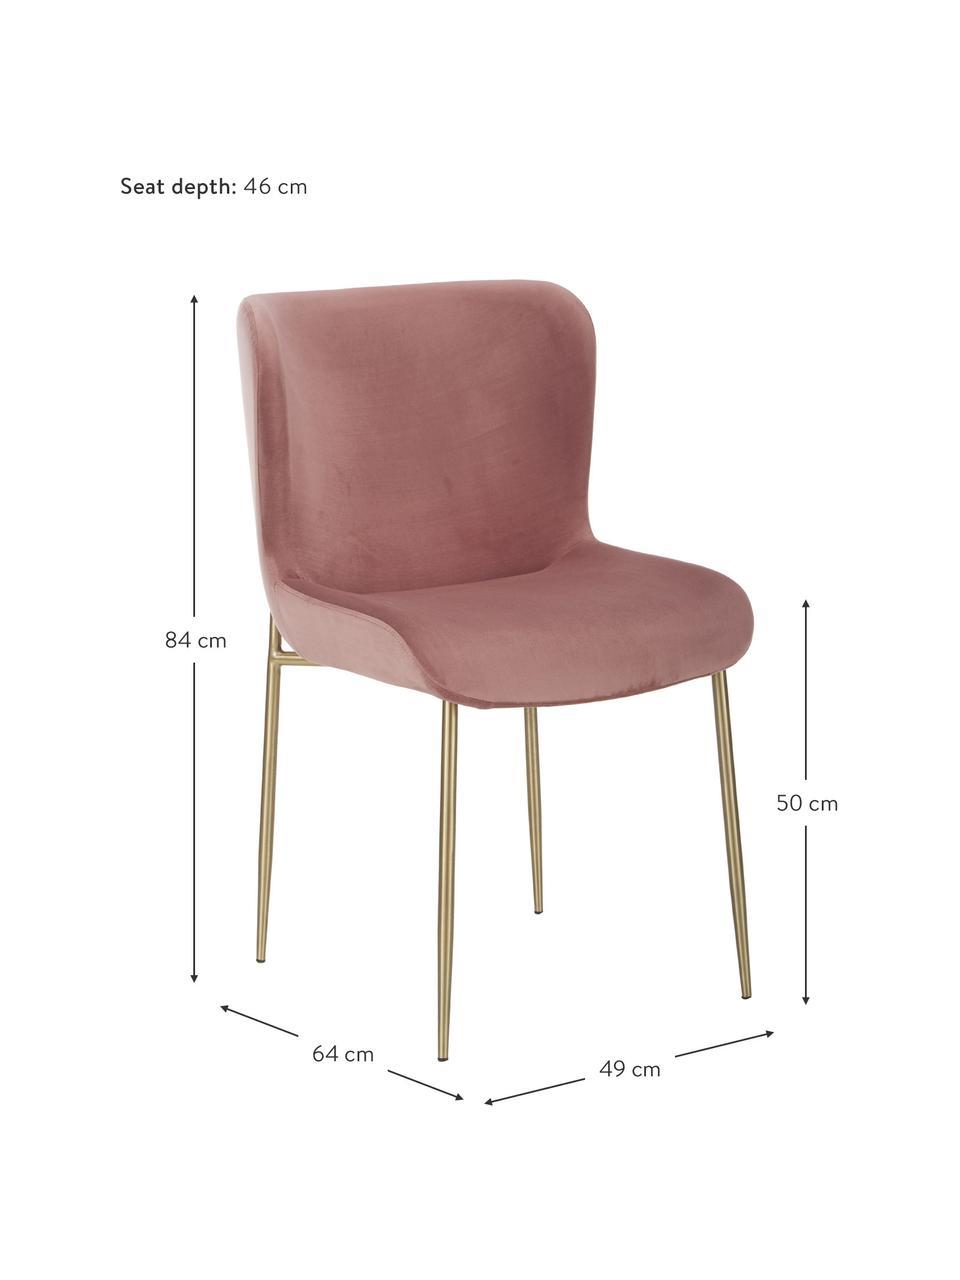 Krzesło tapicerowane z aksamitu Tess, Tapicerka: aksamit (poliester) Dzięk, Nogi: metal malowany proszkowo, Aksamitny brudny różowy, złoty, S 49 x G 64 cm